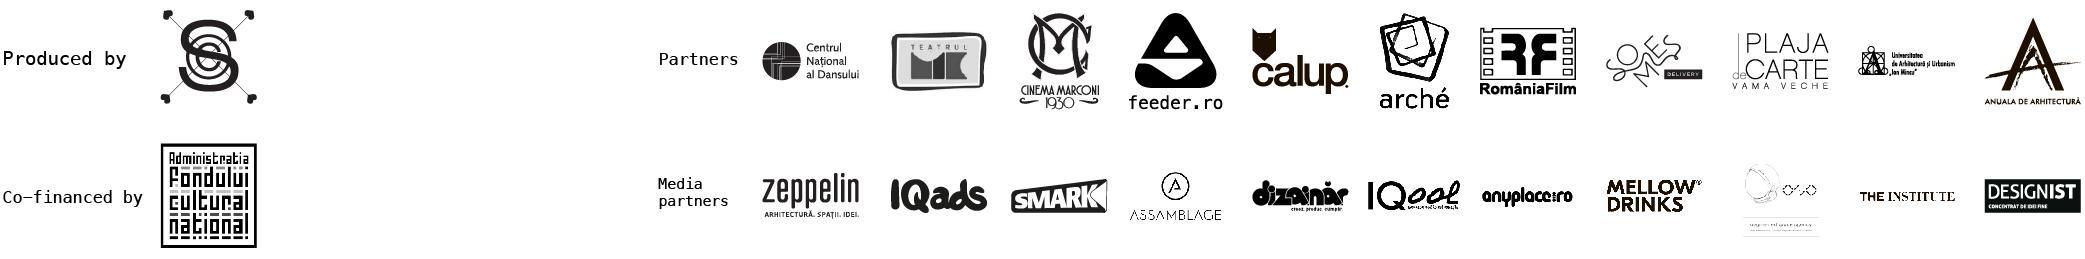 parteneri Cinema Teatrul de vară Capitol 2017-2018